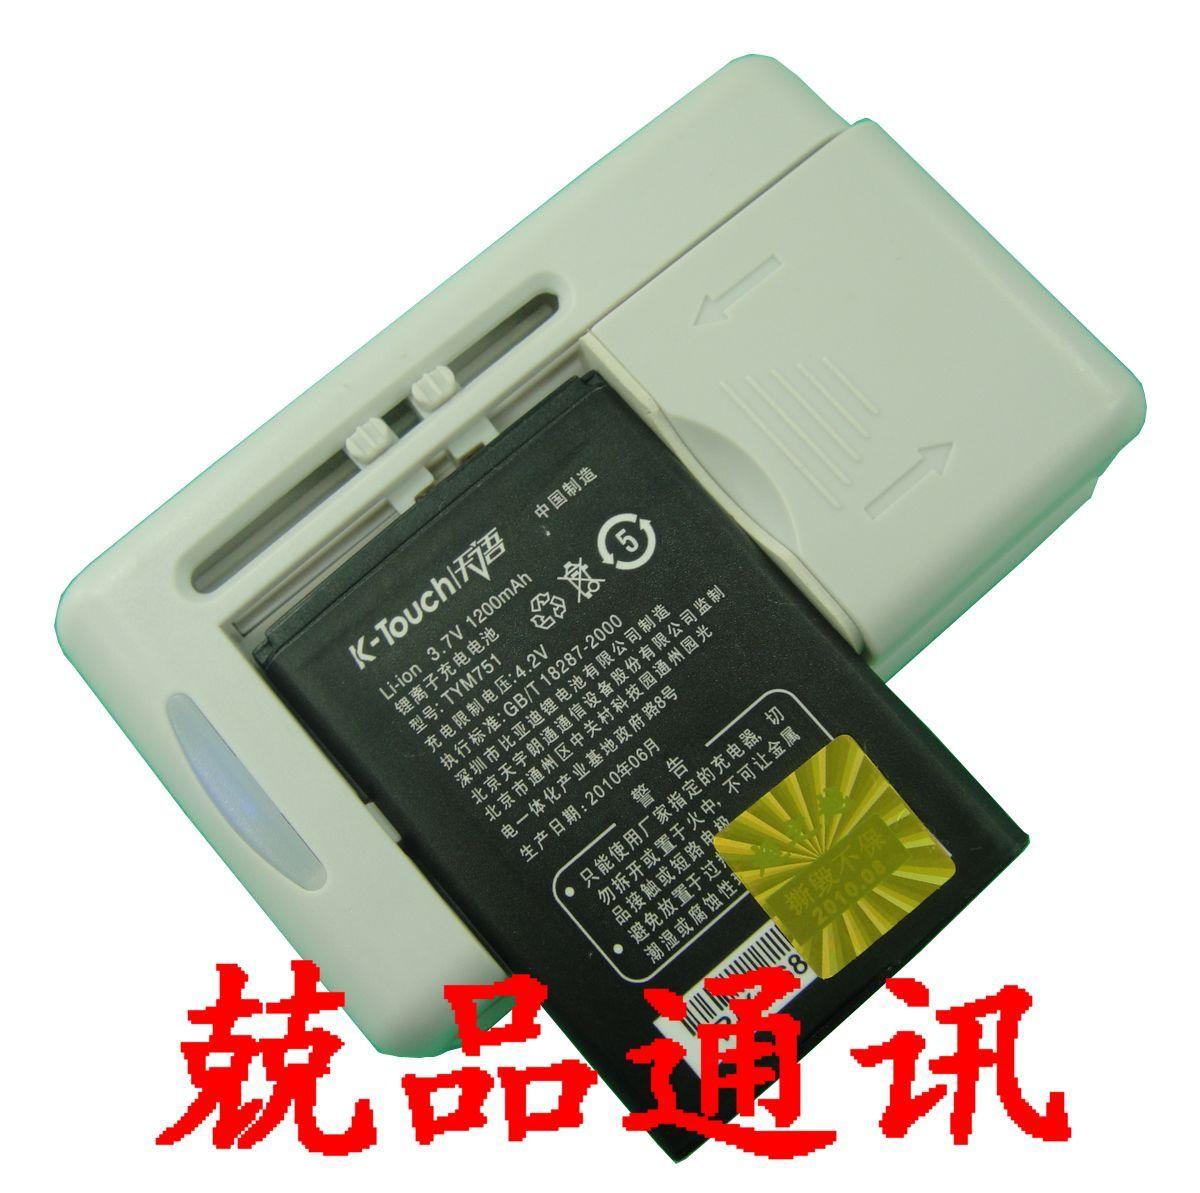 正品 天语B5010 B5011 C350 D179 E63原装手机电池 电板+座充 价格:25.00